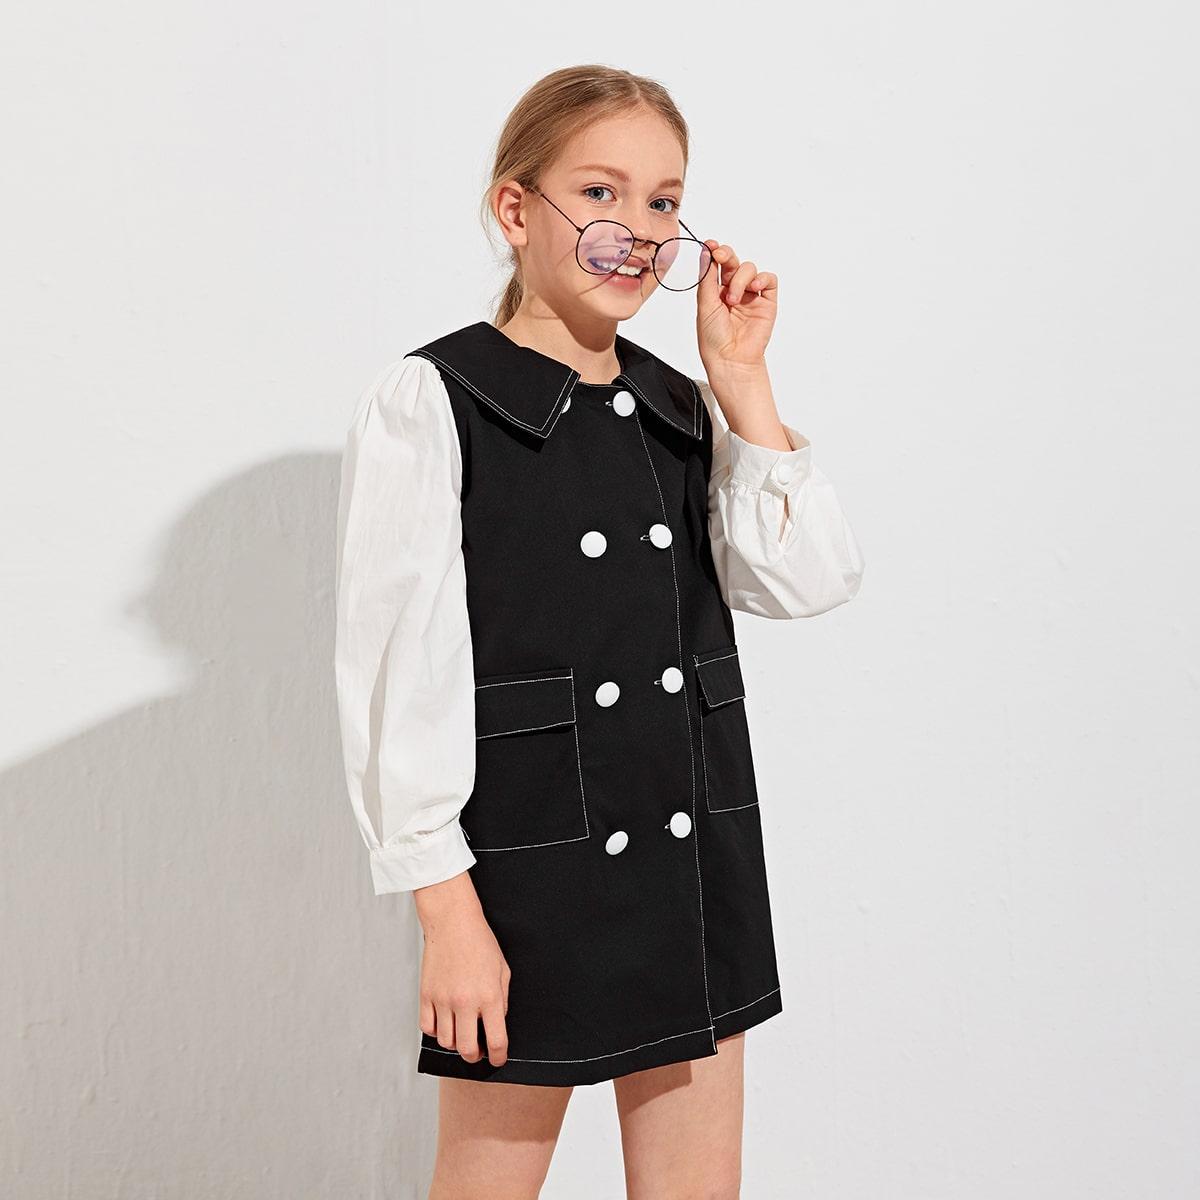 Zweireihiges Kleid mit Peter-Pan Kragen und Taschenklappe